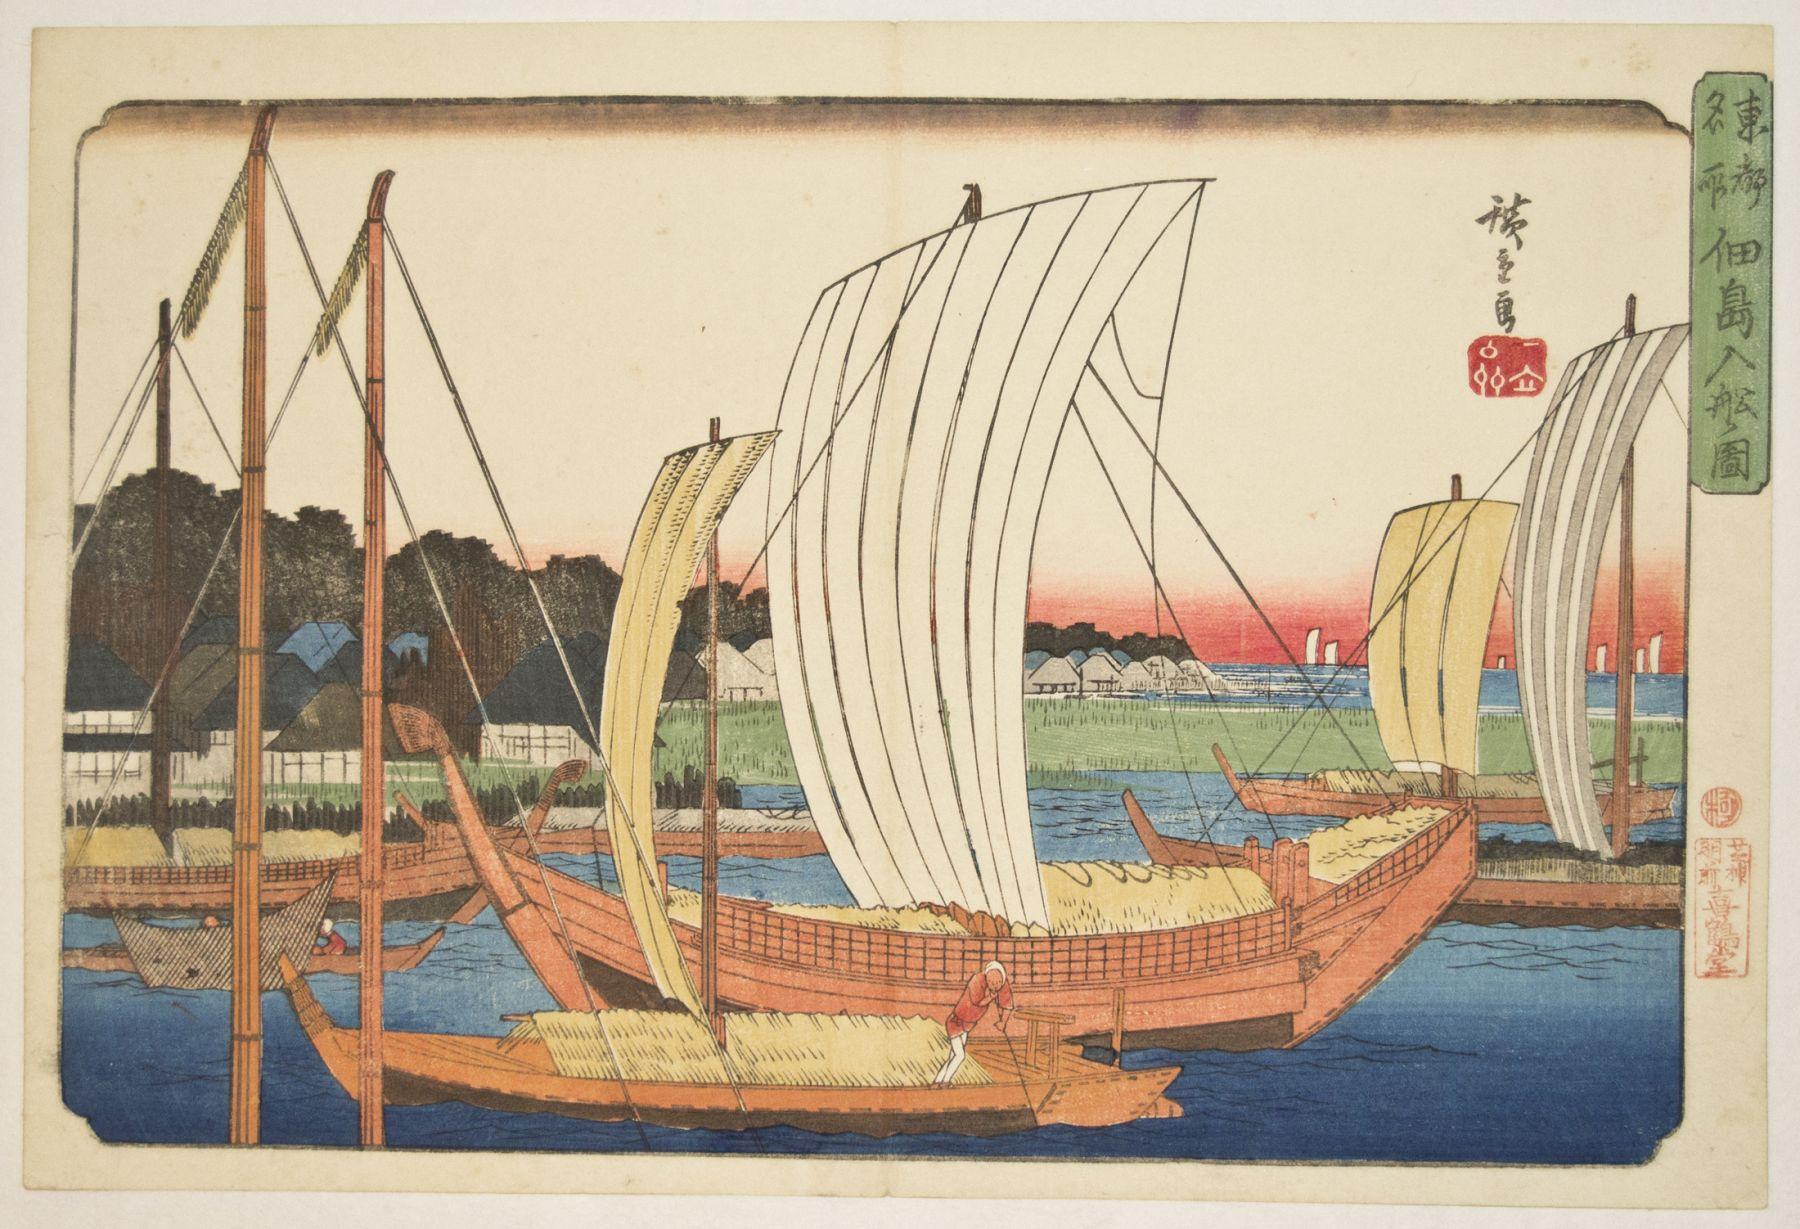 Utagawa Hiroshige (1797-1858), Toto Meisho; Tsukudajima irifune no zu